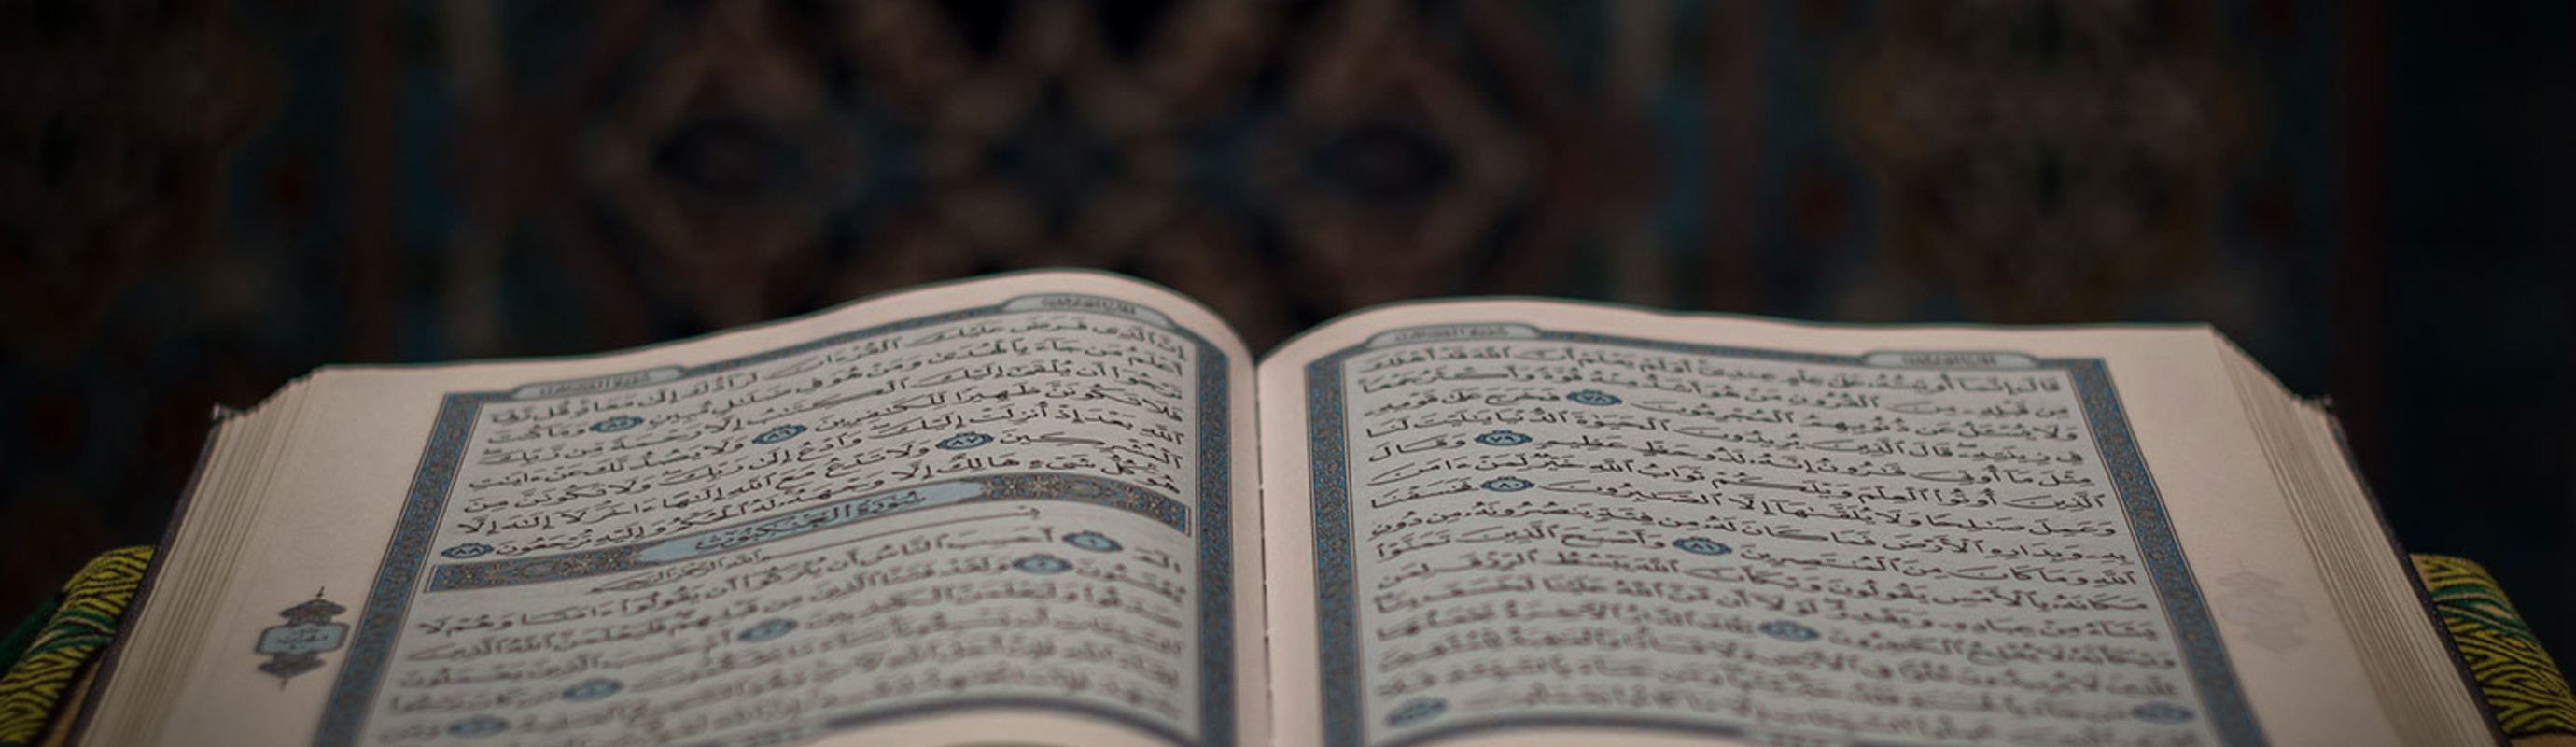 Tweede aflevering van  ´dieper en dieper in de oneindige dieptes van de Heilige Koran..tafsir series -Farsi.